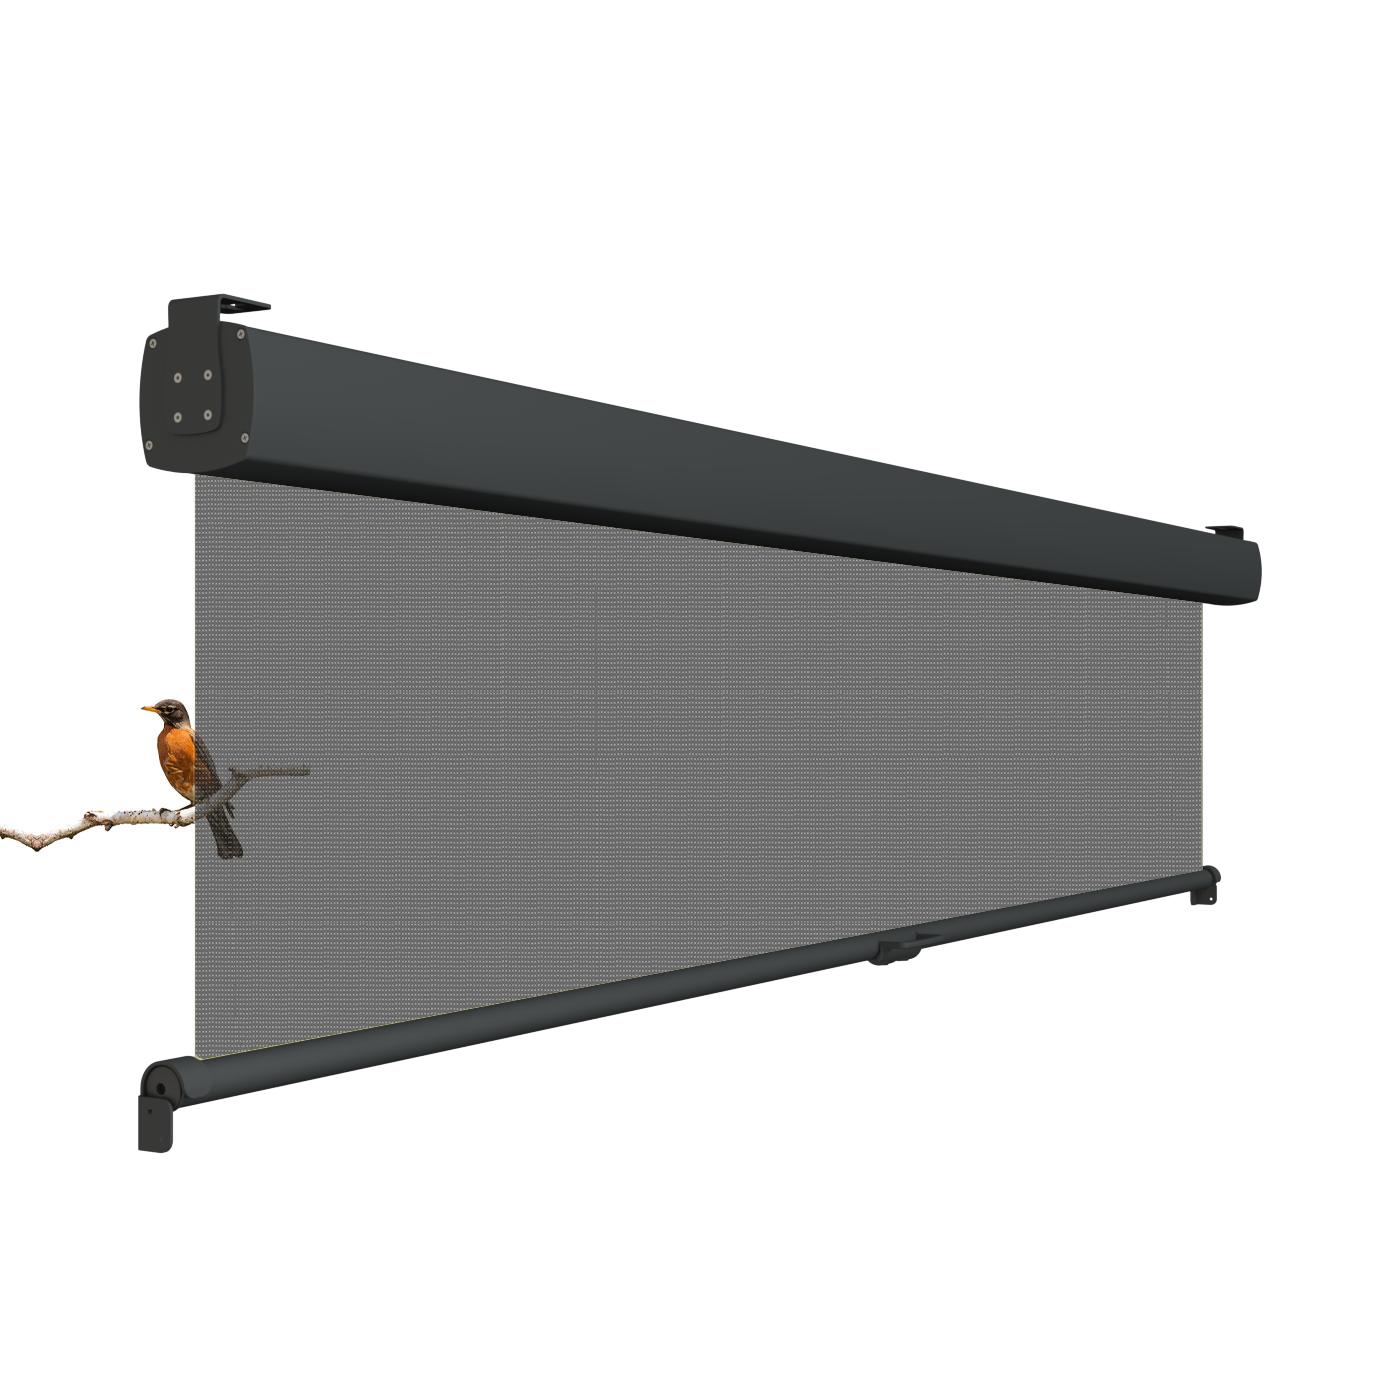 Vita windscherm verticaal oprolbaar (Soltis 86 doek)